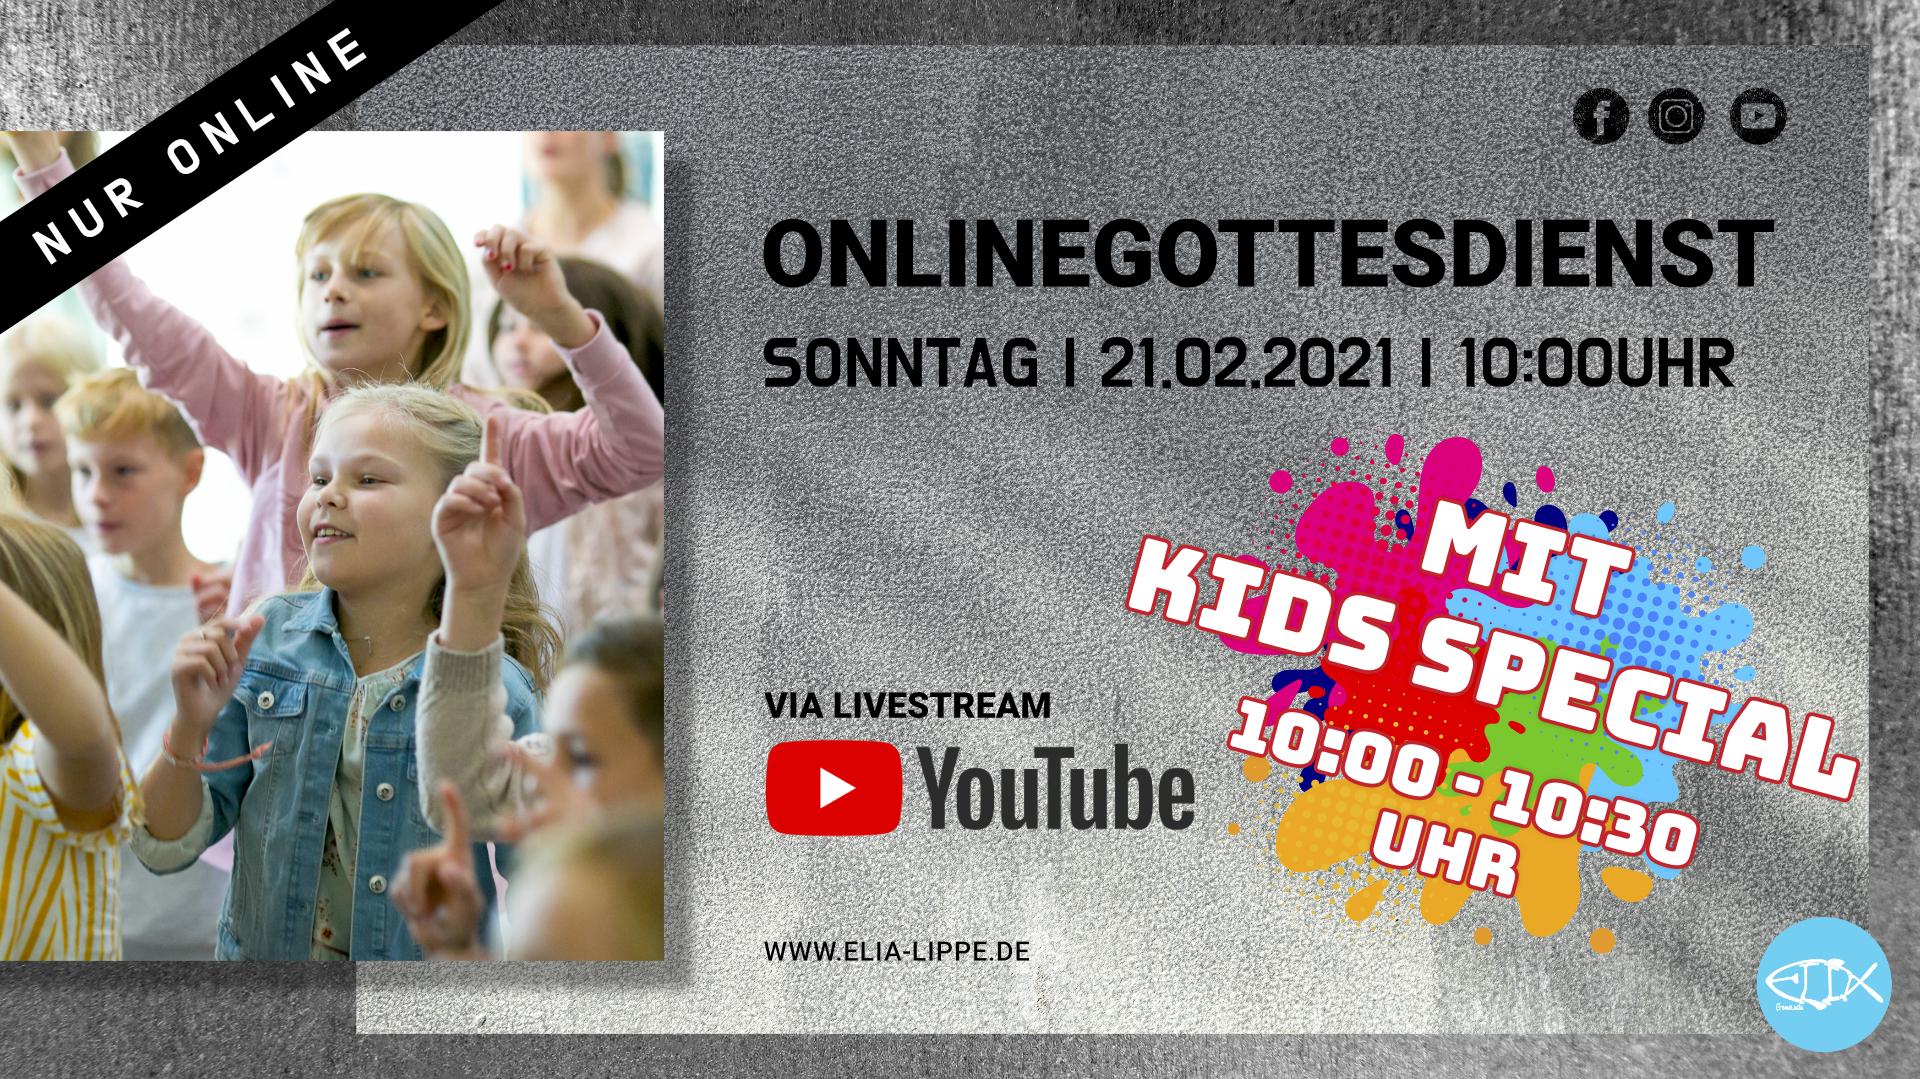 ONLINEGOTTESDIENST MIT KIDS SPECIAL